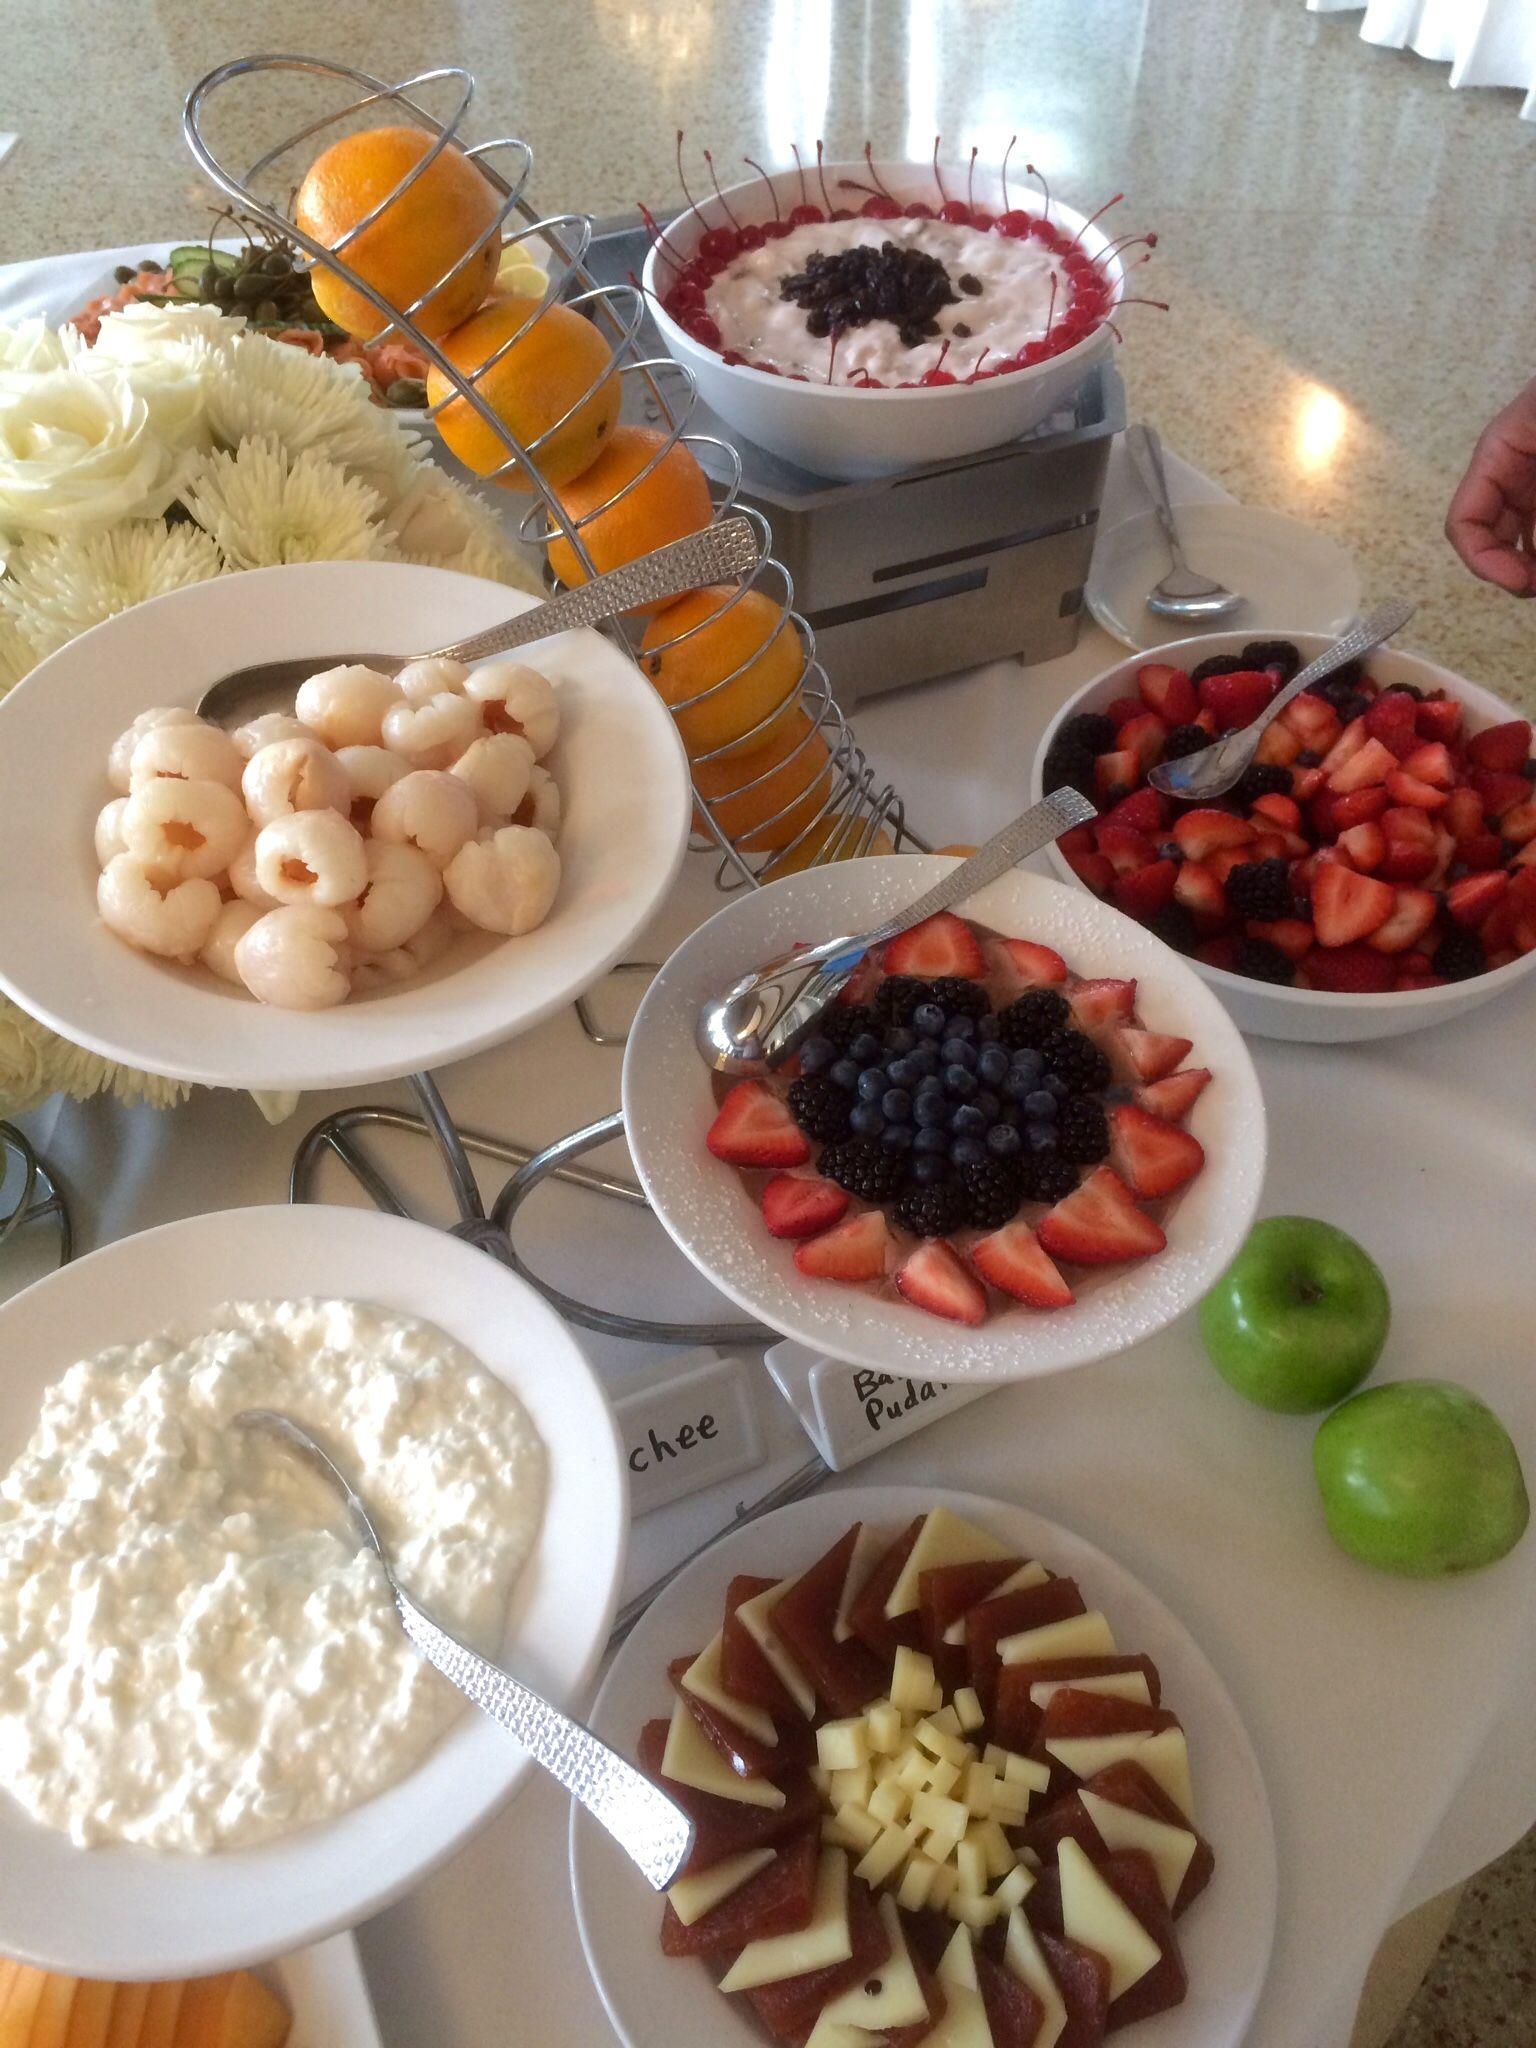 Brunch SoBeLocal Brunch, Fruit selection, Food